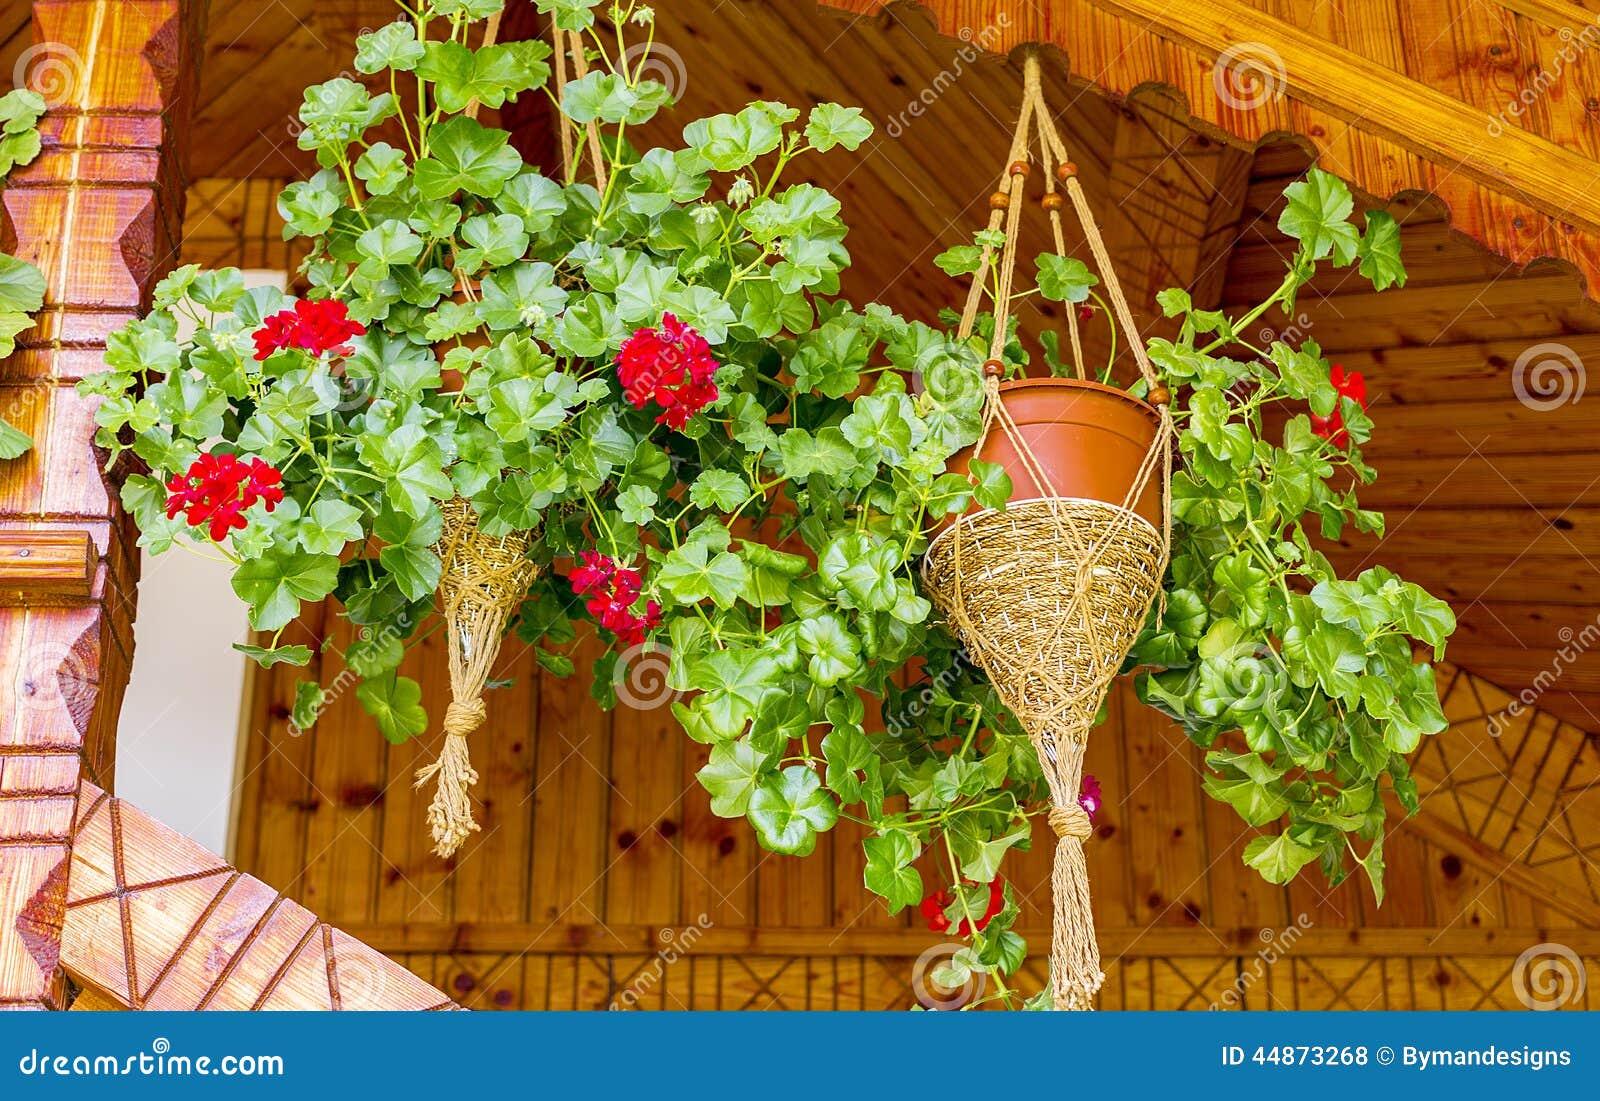 Blumentopfe Mit Den Pelargonien Die Dekorativen Holzernen Balkon